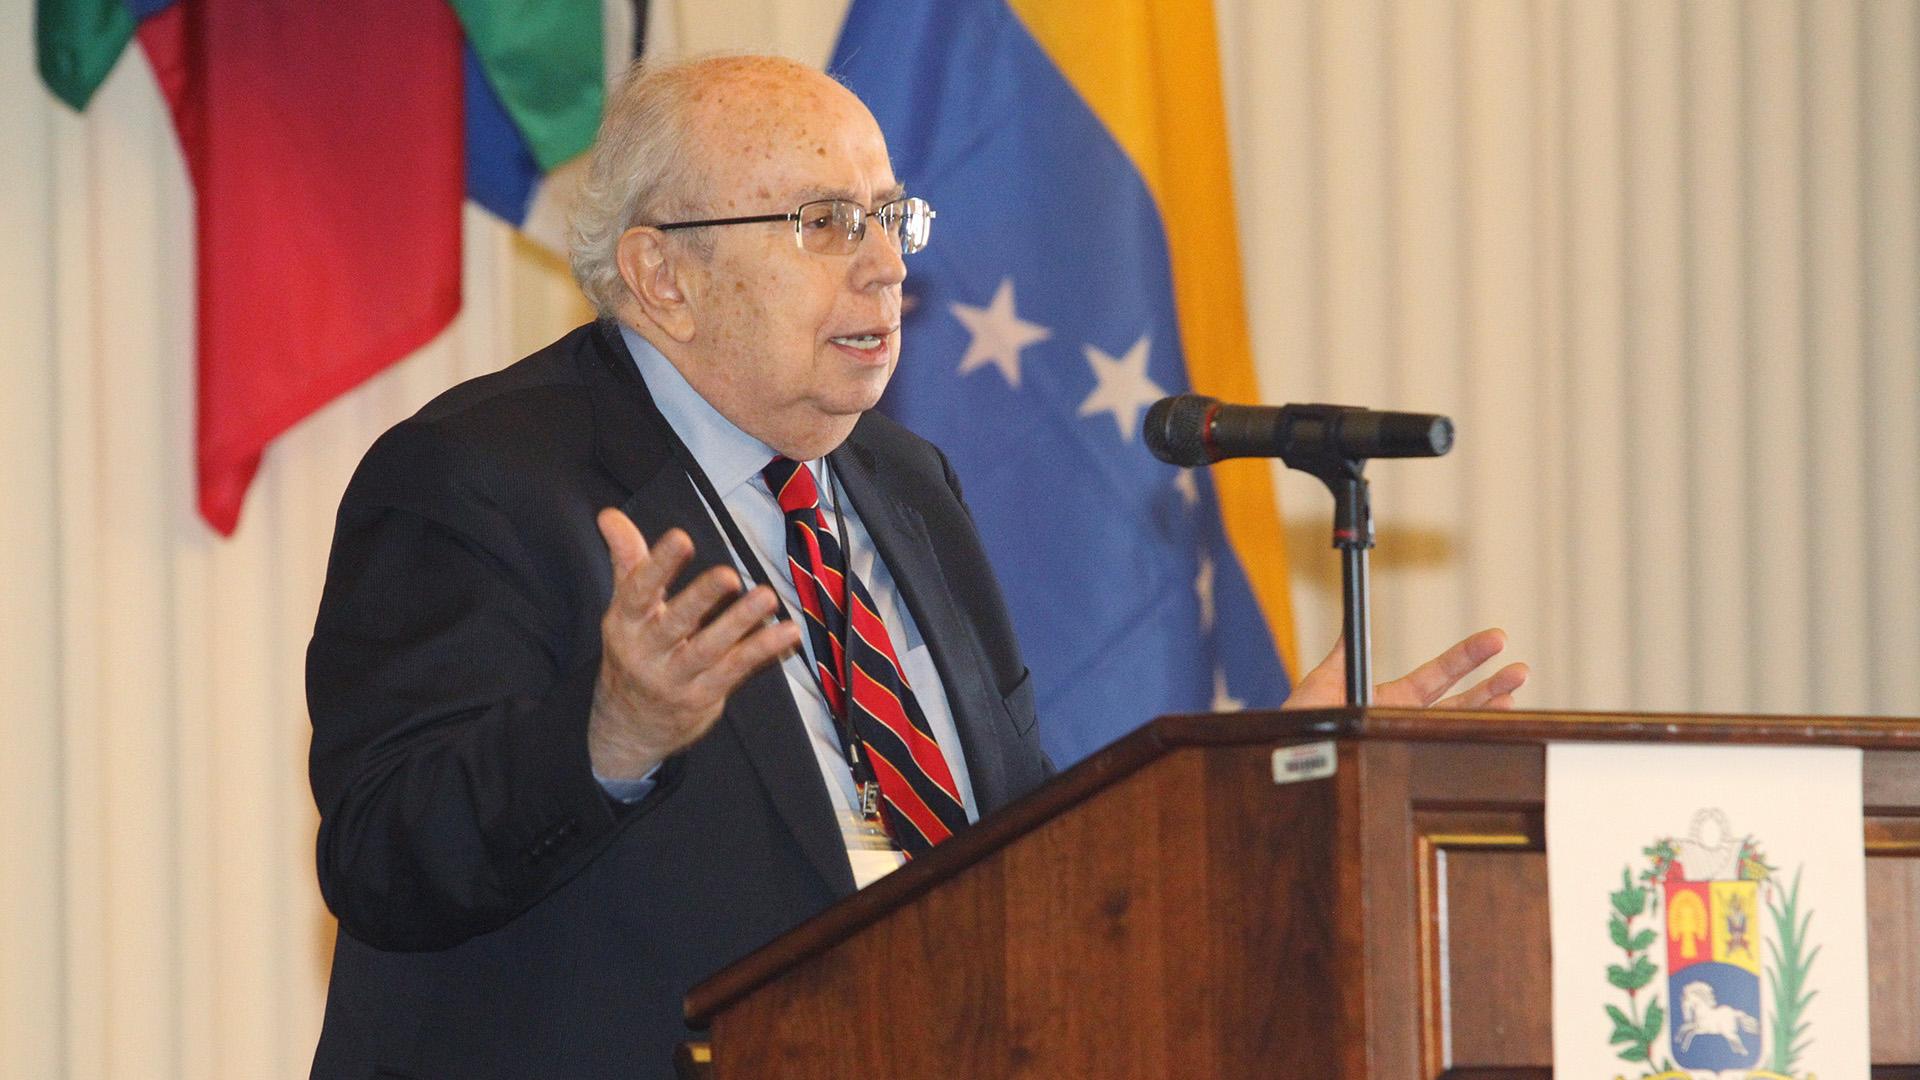 Gustavo Tarre, Representante Permanente de la República Bolivariana de Venezuela ante la Organización de Estados Americanos